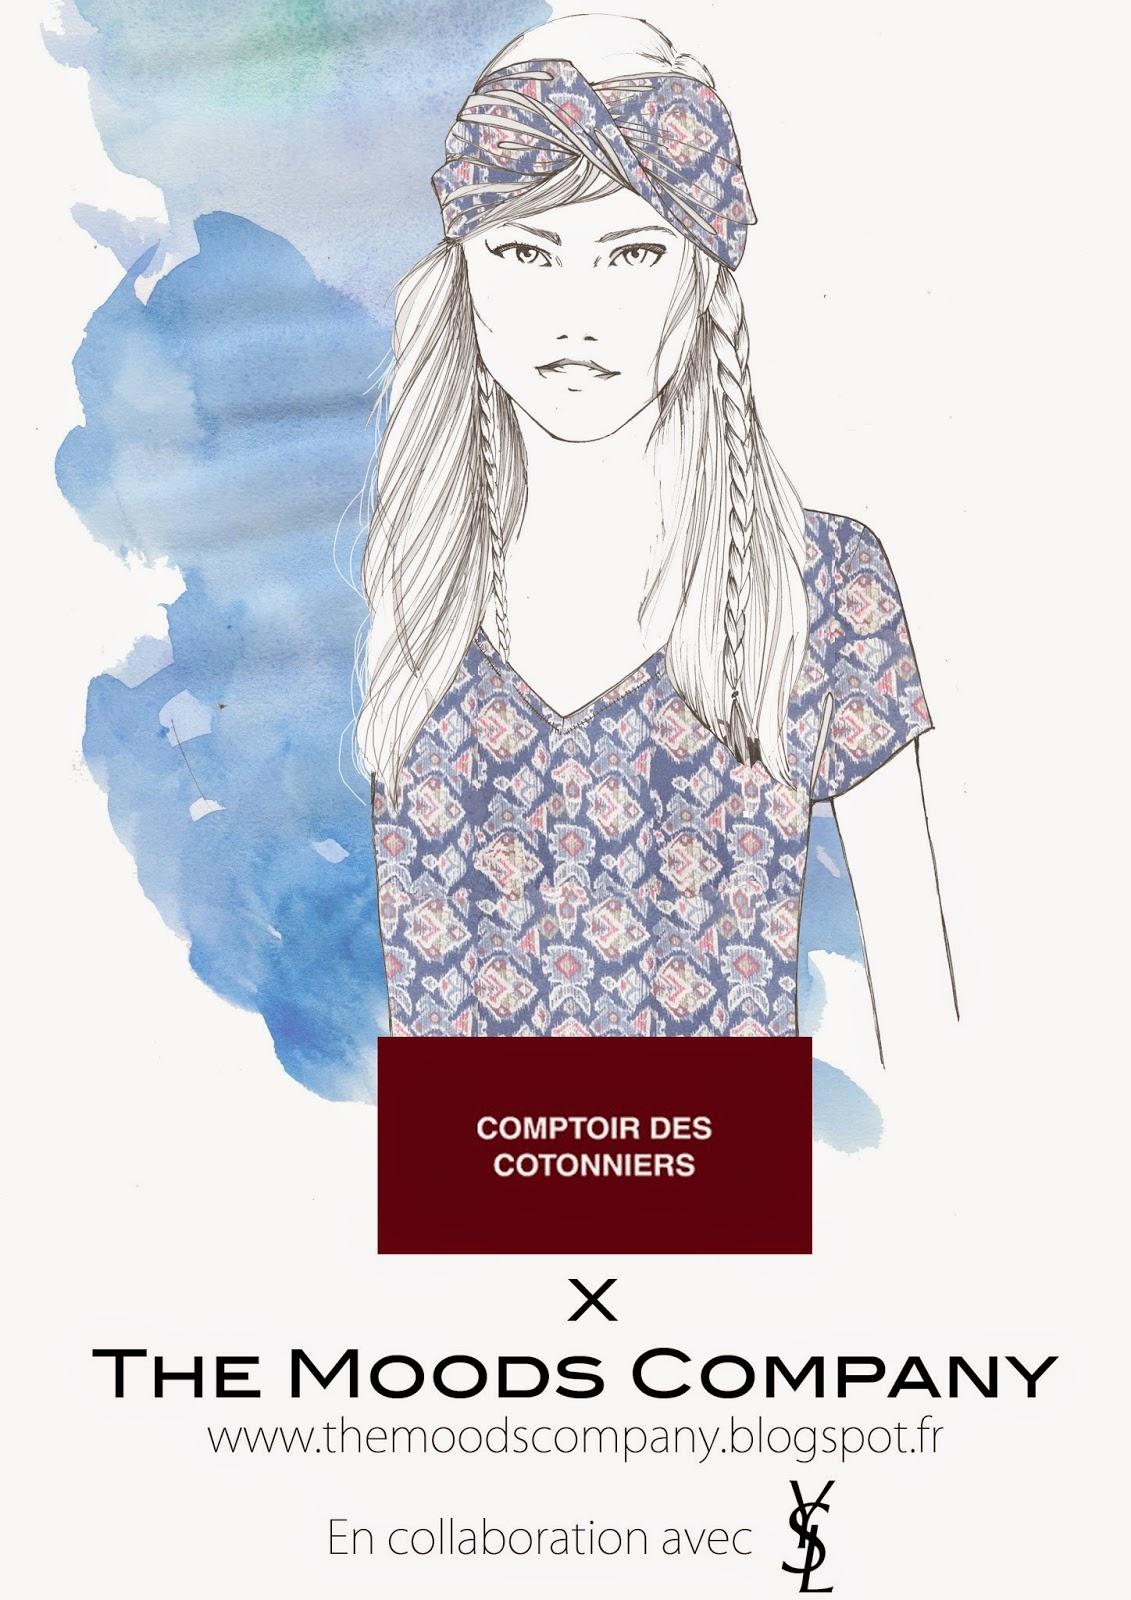 The moods company comptoir des cotonniers et the moods - Ventes privees comptoir des cotonniers ...